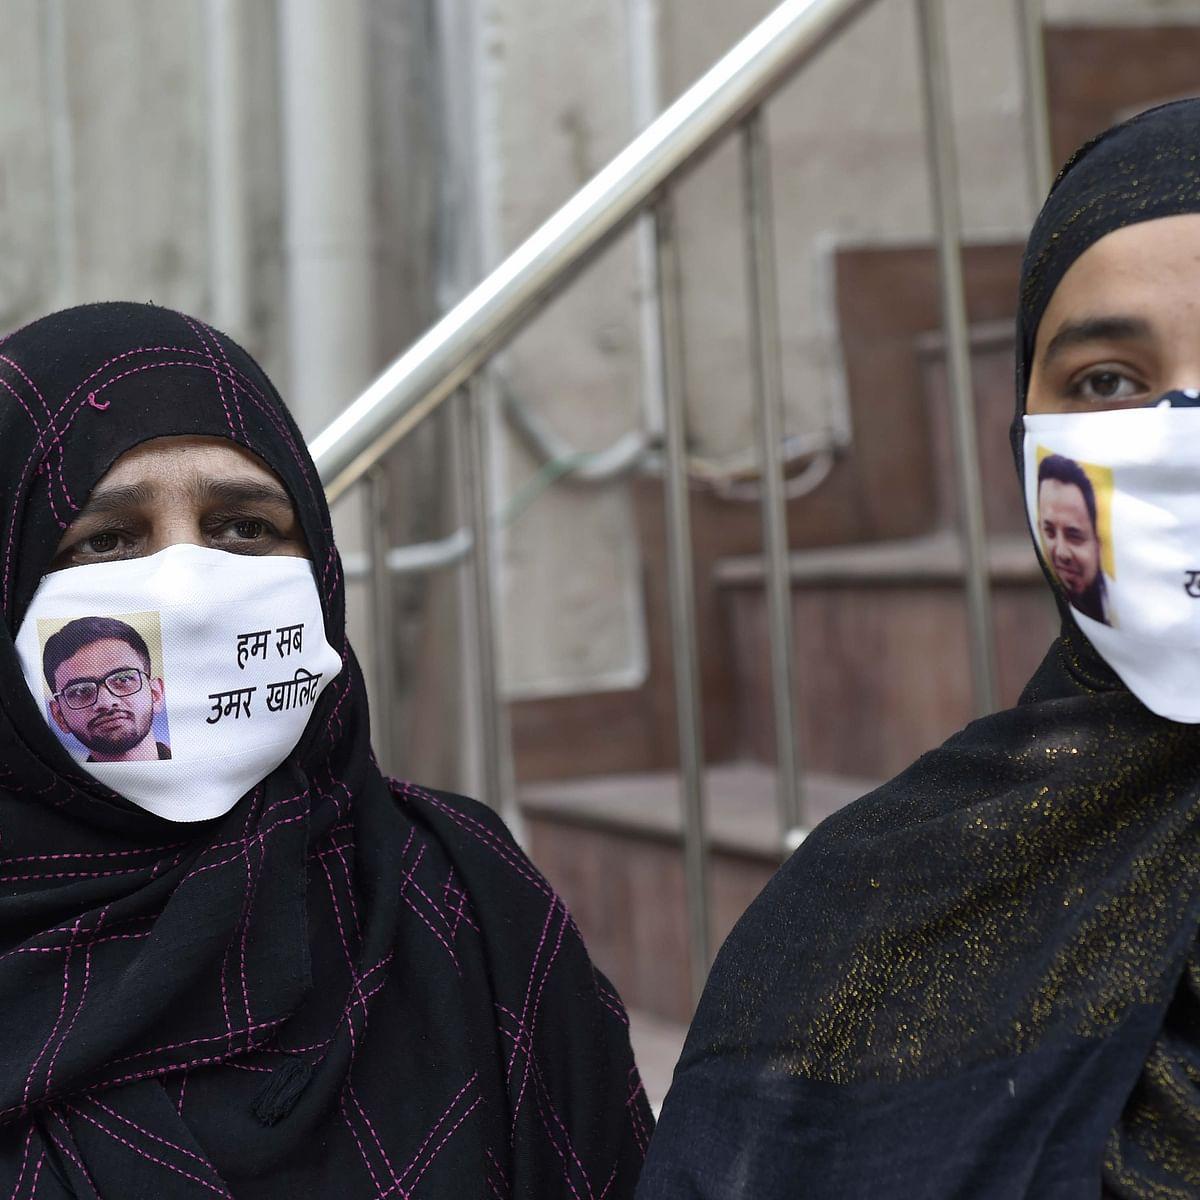 عمر خان کی والدہ اور یونائیٹڈ اگینسٹ ہیٹ کے خالد سیفی کی اہلیہ دہلی میں ہونے والی ایک پریس کانفرنس میں شامل ہوئیں/ Getty Images